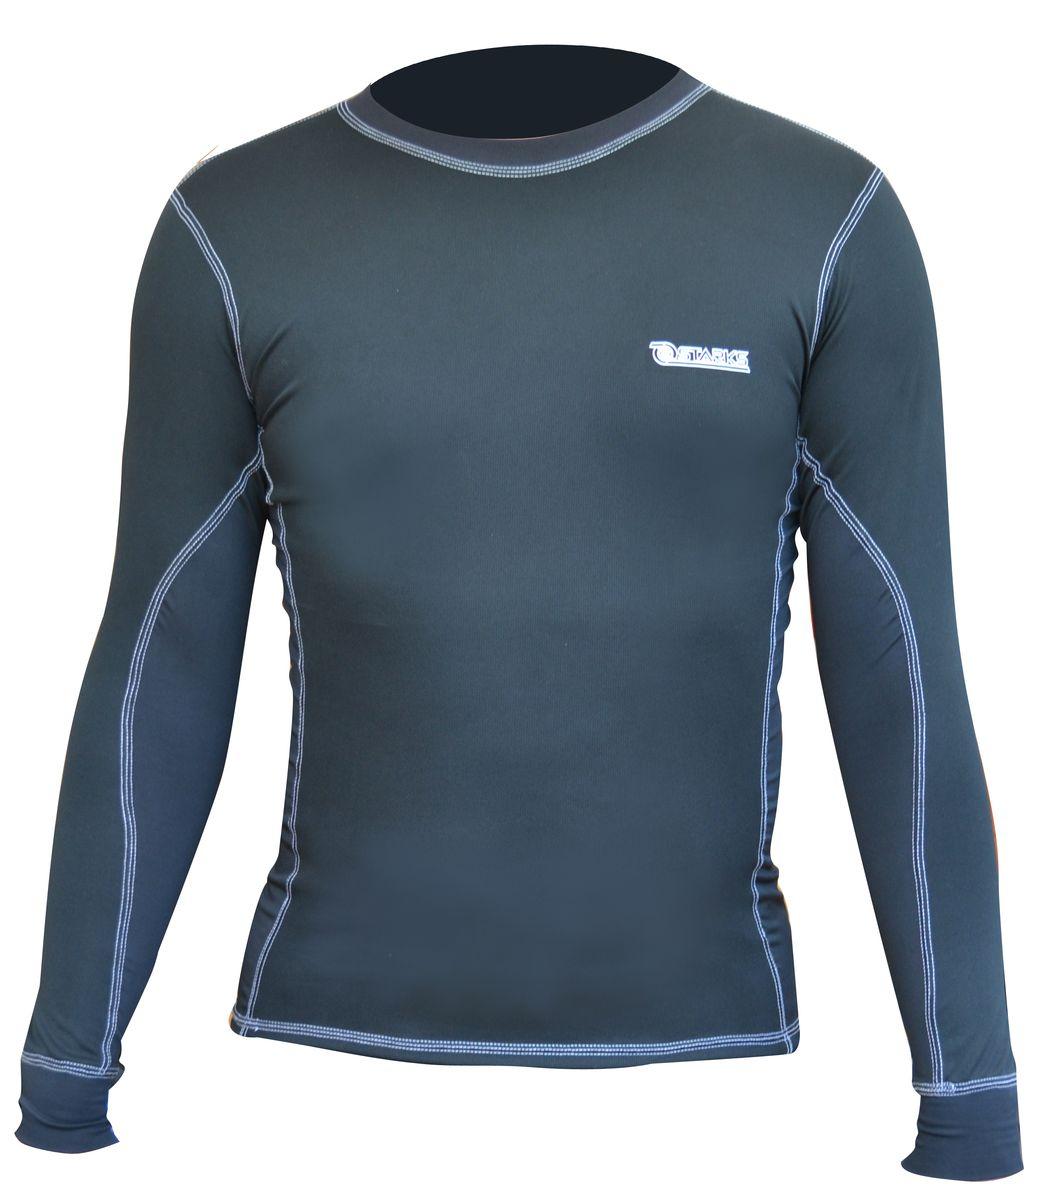 Термобелье кофта Starks Coolmax, летняя, охлаждающая, цвет: черный. Размер XLЛЦ0011_XLАнатомическое комбинированное термобелье, выполнено из сертифицированной ткани CoolMax. Повторение анатомии человеческого тела. Обеспечивает хорошую терморегуляцию тела, отводит влагу, оставляя тело сухим. Вставки из ткани CoolMax Extremeдля мест, подверженных наибольшей потливости (подмышки, локтевой сгиб руки, паховая область). Технология плоских швов. Белье предназначено для активных физических нагрузок. Особенности: Сохраняет ваше тело сухим. Эластичные, мягкие плоские швы Отличные влагоотводящиесвойства Гипоаллергенно